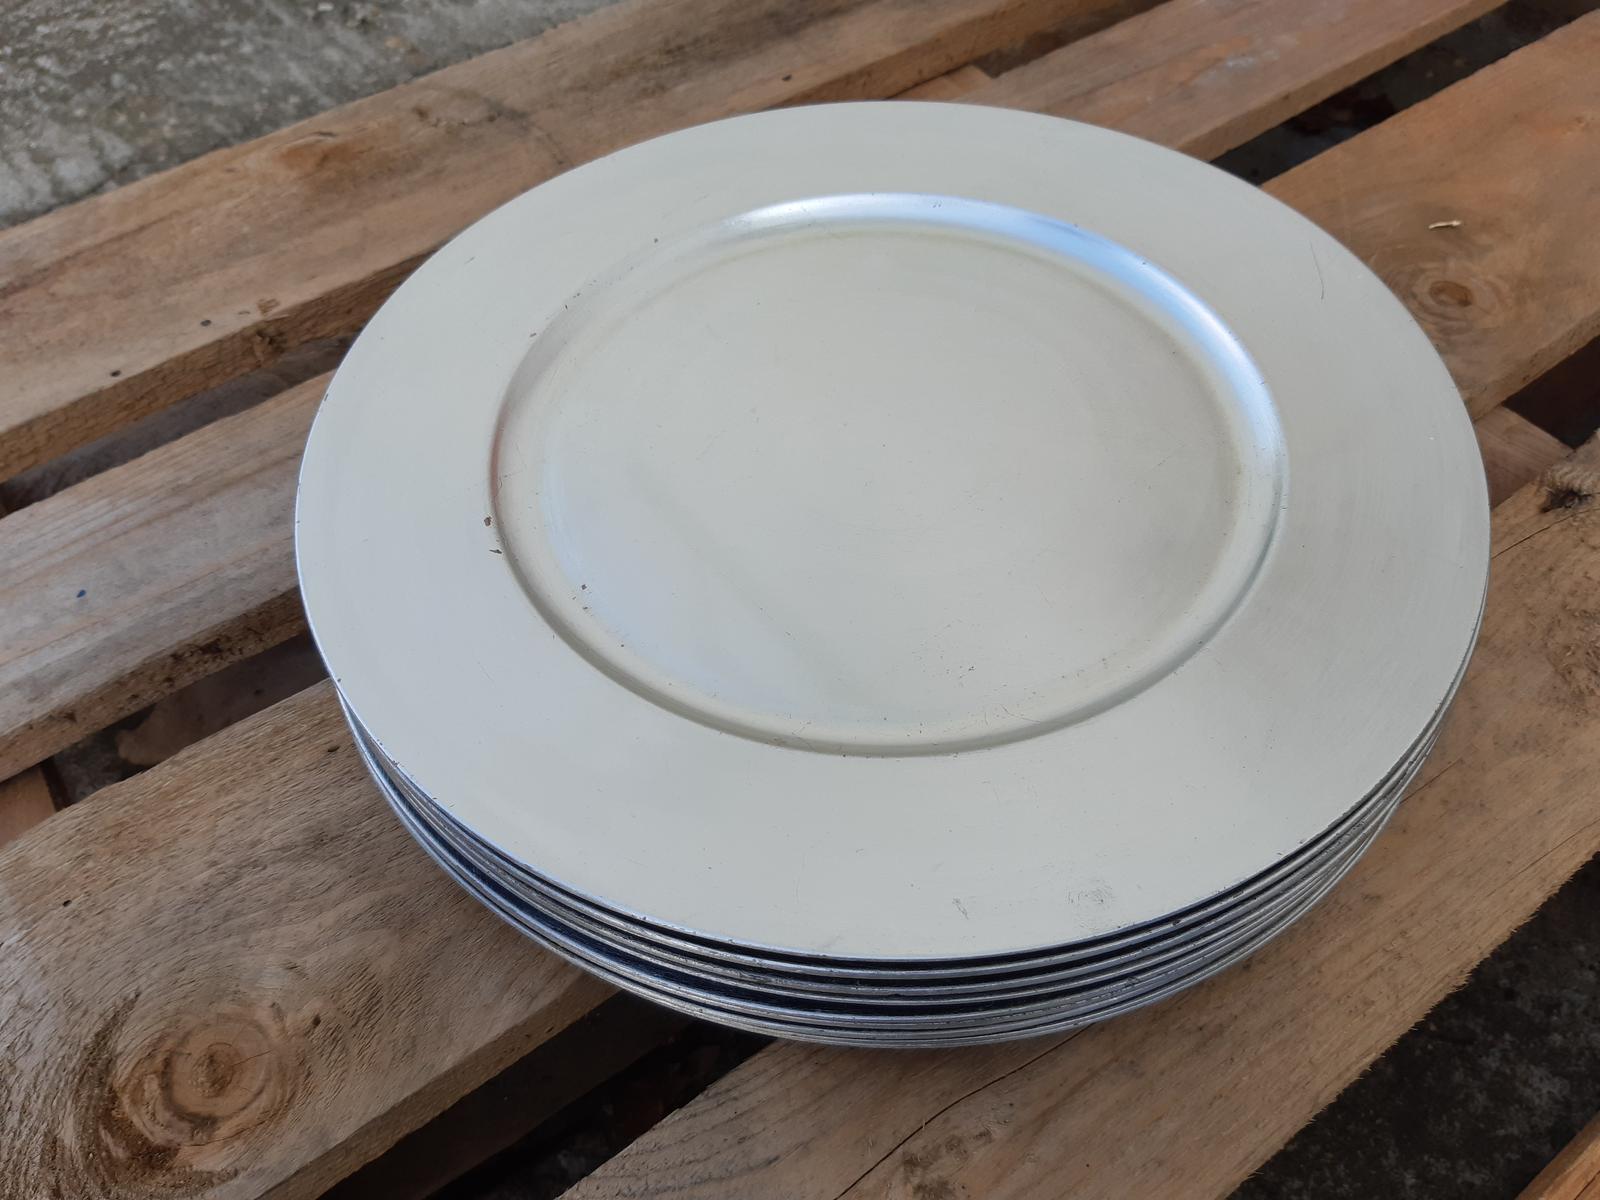 Strieborné matné dekoračné taniere - Obrázok č. 1